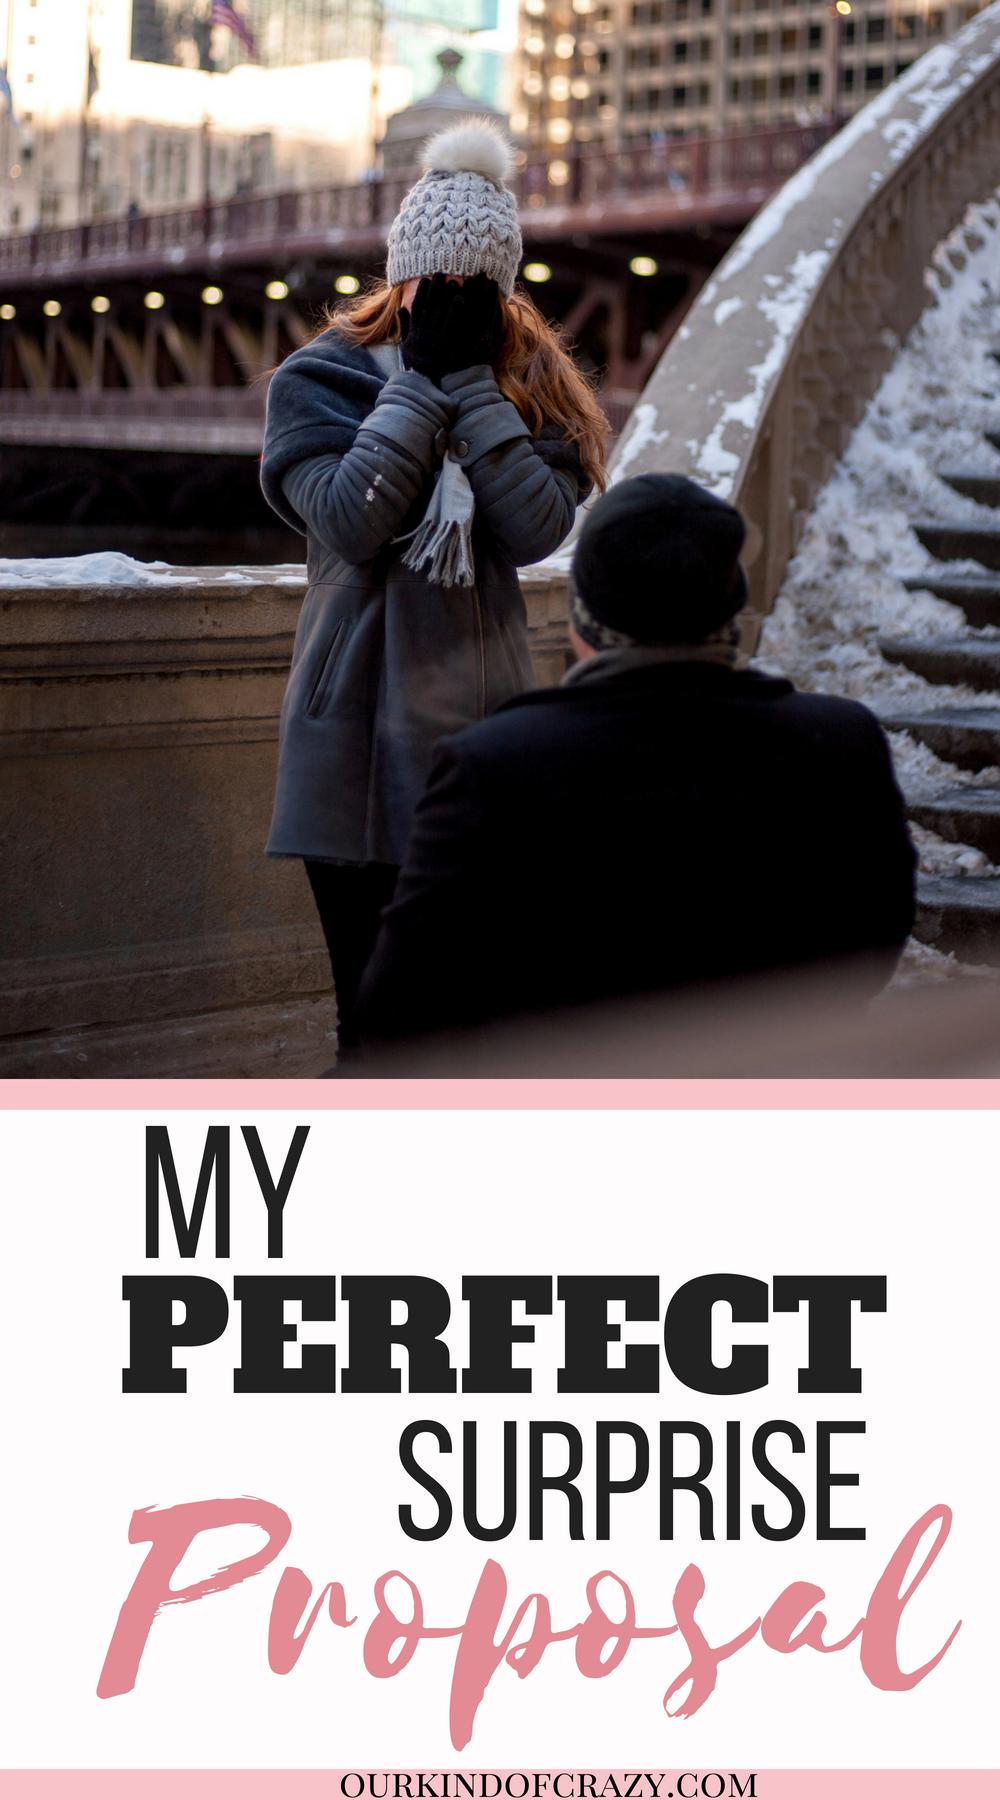 Proposal Ideas, Proposal Stories, Proposal photos from Engagement - Unique Proposal, Surprise Proposal stories - surprise proposal ideas - My surprise engagement #proposalideas #proposalphotos